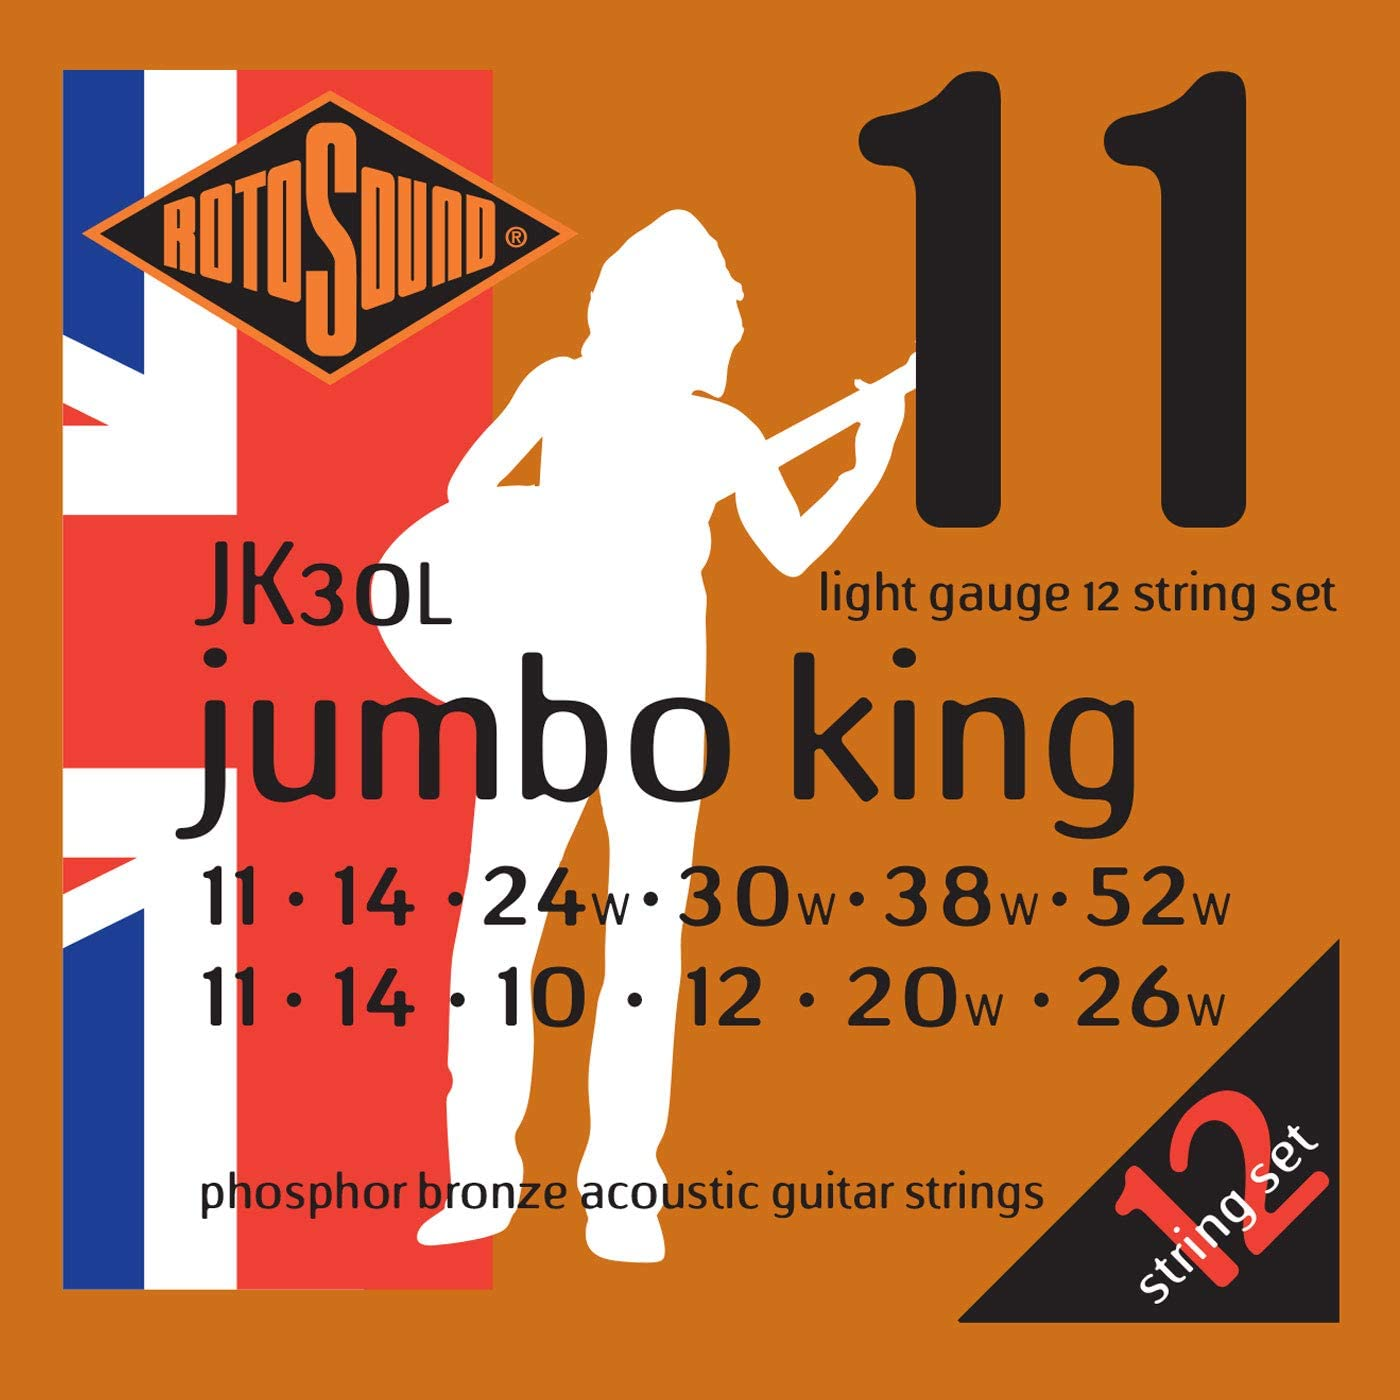 Rotosound JK30L - Juego de cuerdas para guitarra acústica de fósforo/bronce, 11-11, 14-14, 24-10, 30-12